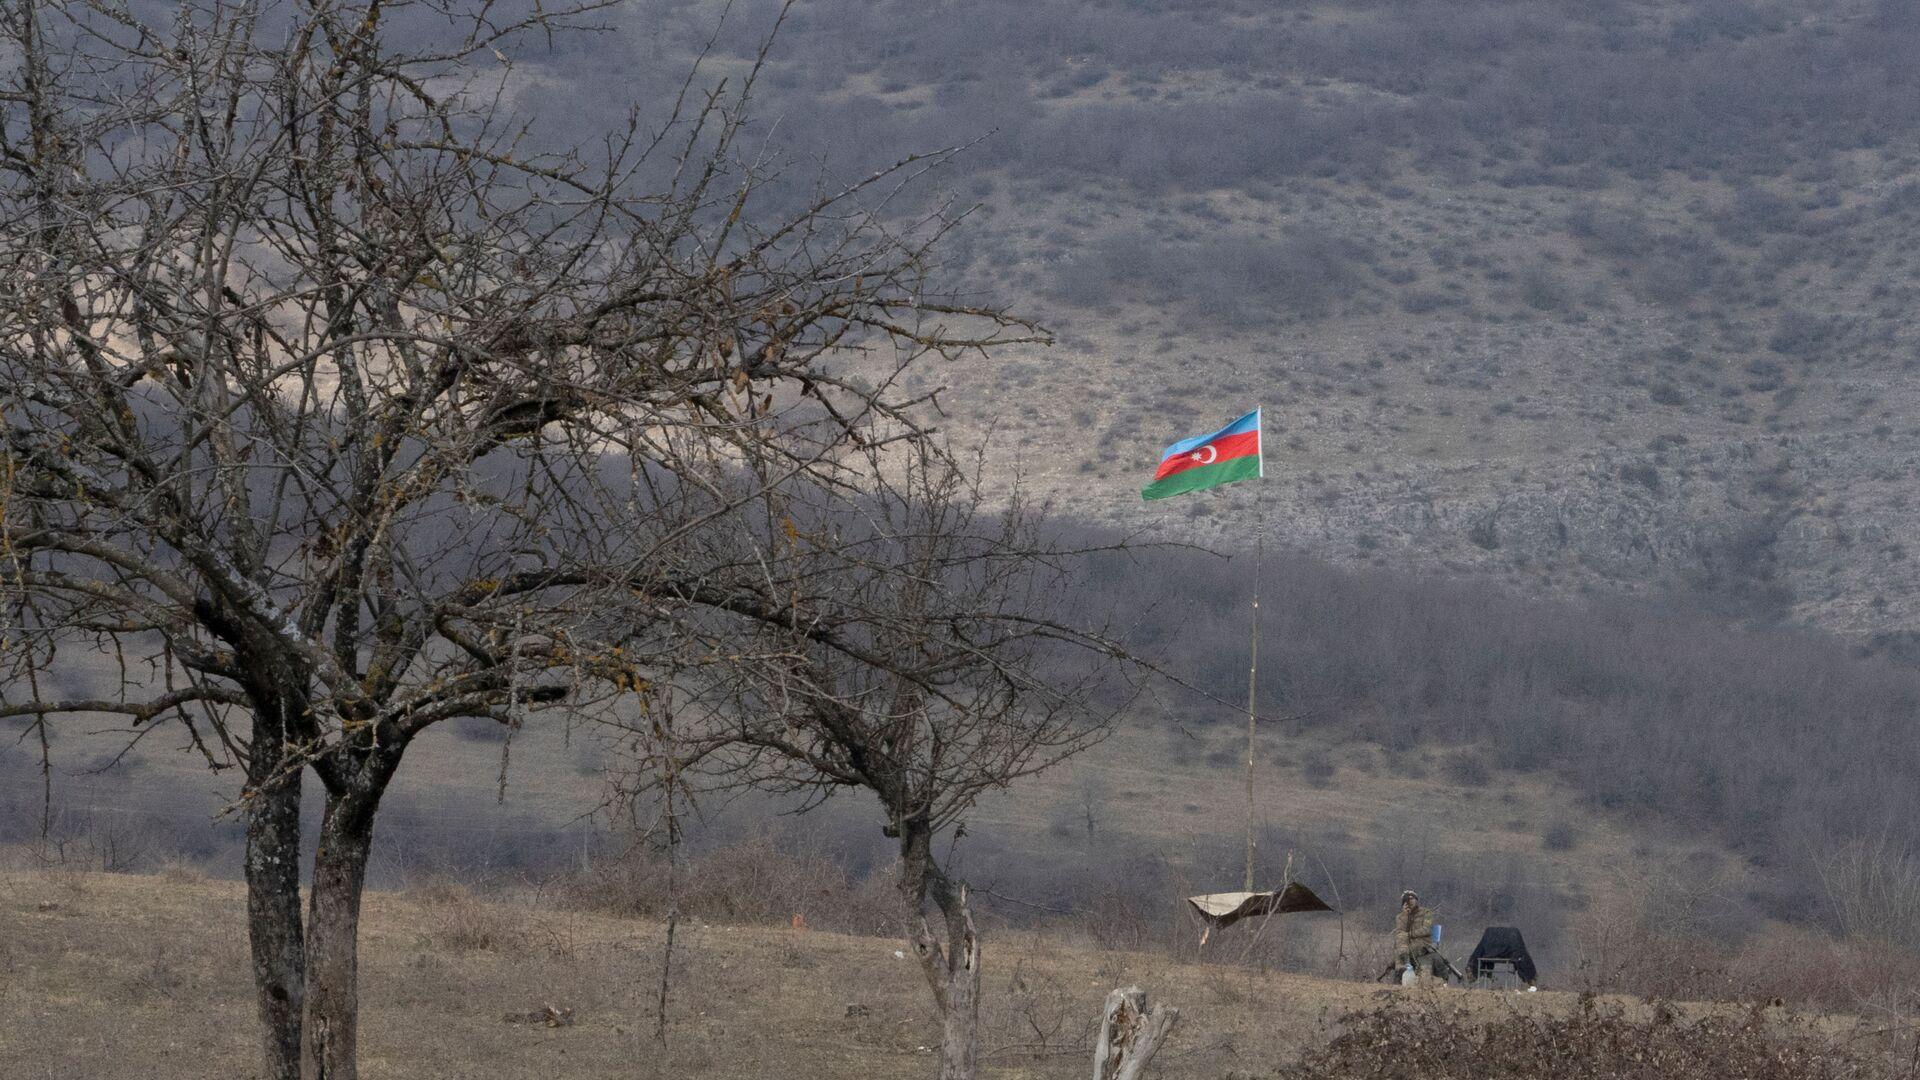 Qarabağda Azərbaycan bayrağı, arxiv şəkli - Sputnik Azərbaycan, 1920, 06.10.2021